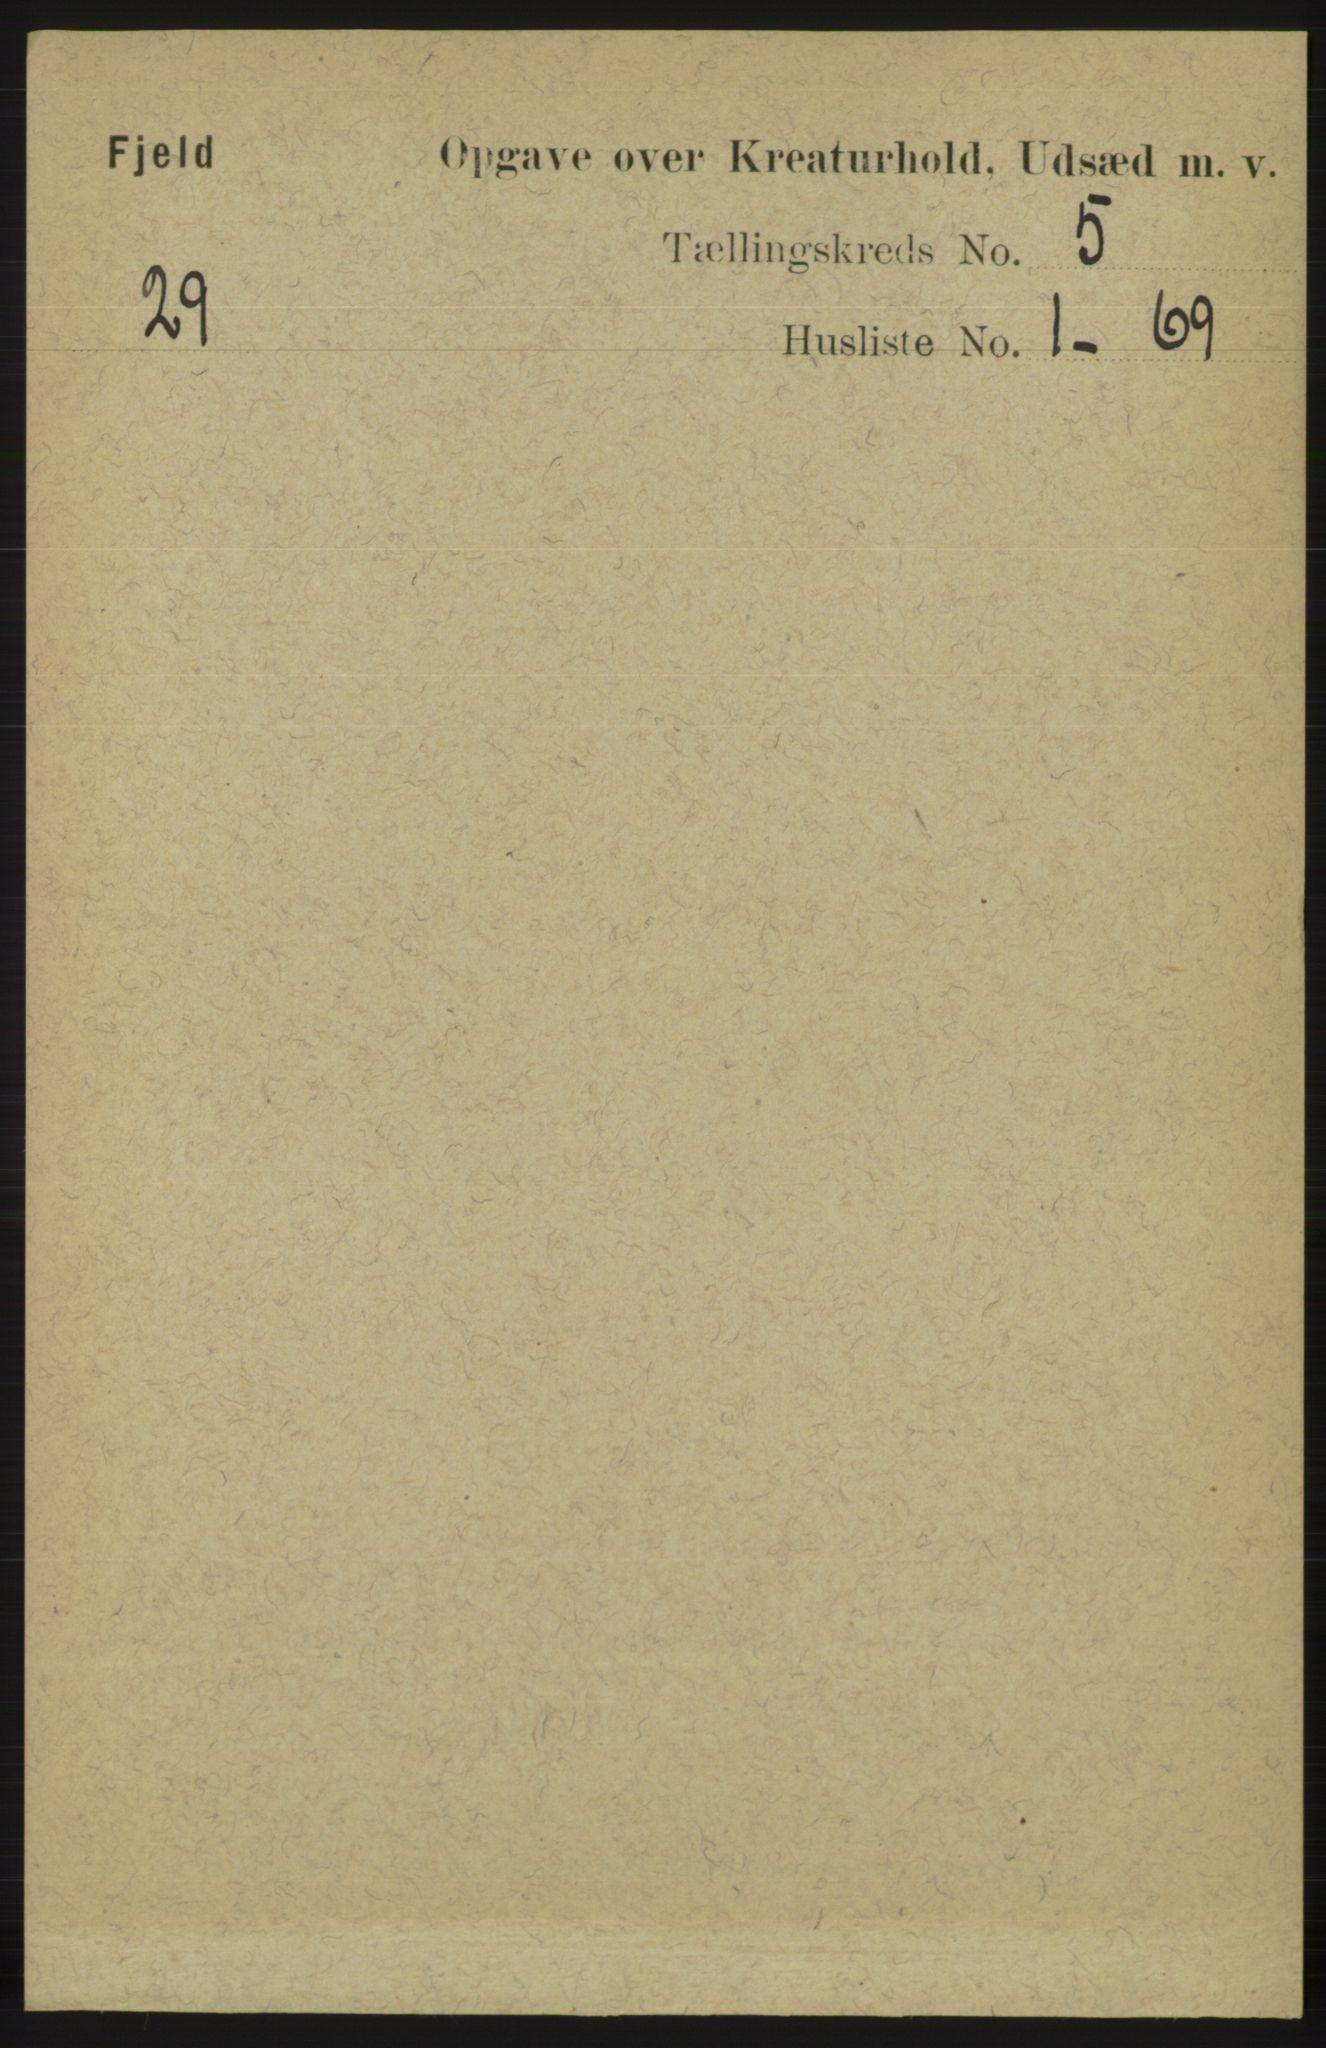 RA, Folketelling 1891 for 1246 Fjell herred, 1891, s. 4512